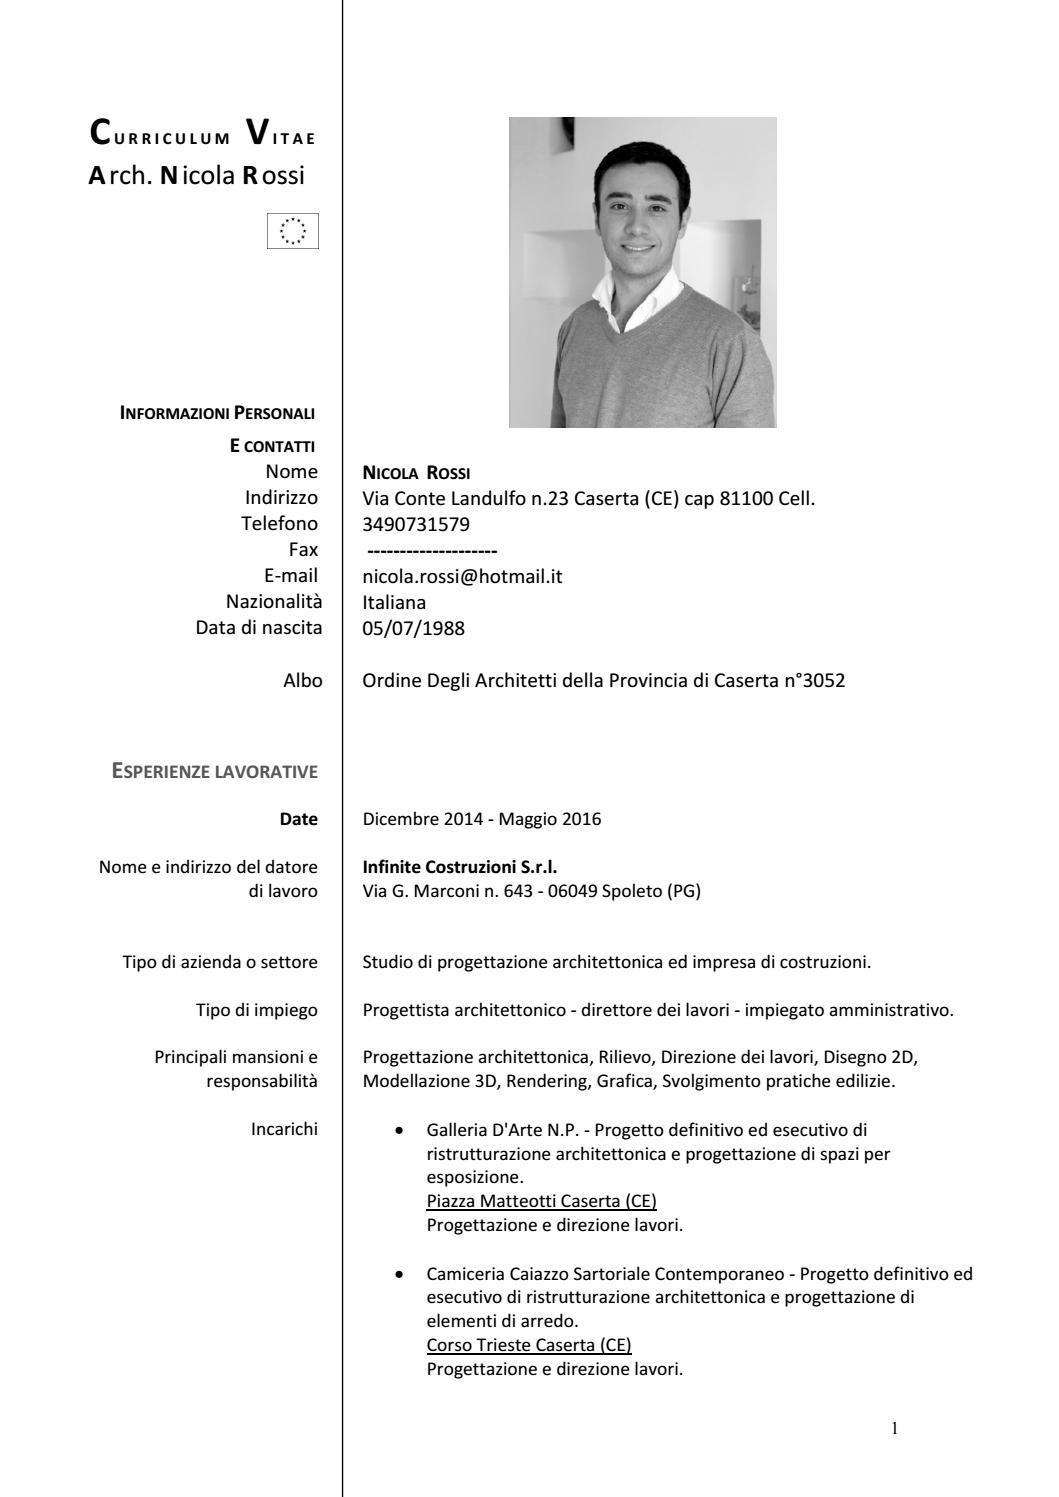 Arch Nicola Rossi Curriculum Vitae By Nicola Rossi Issuu